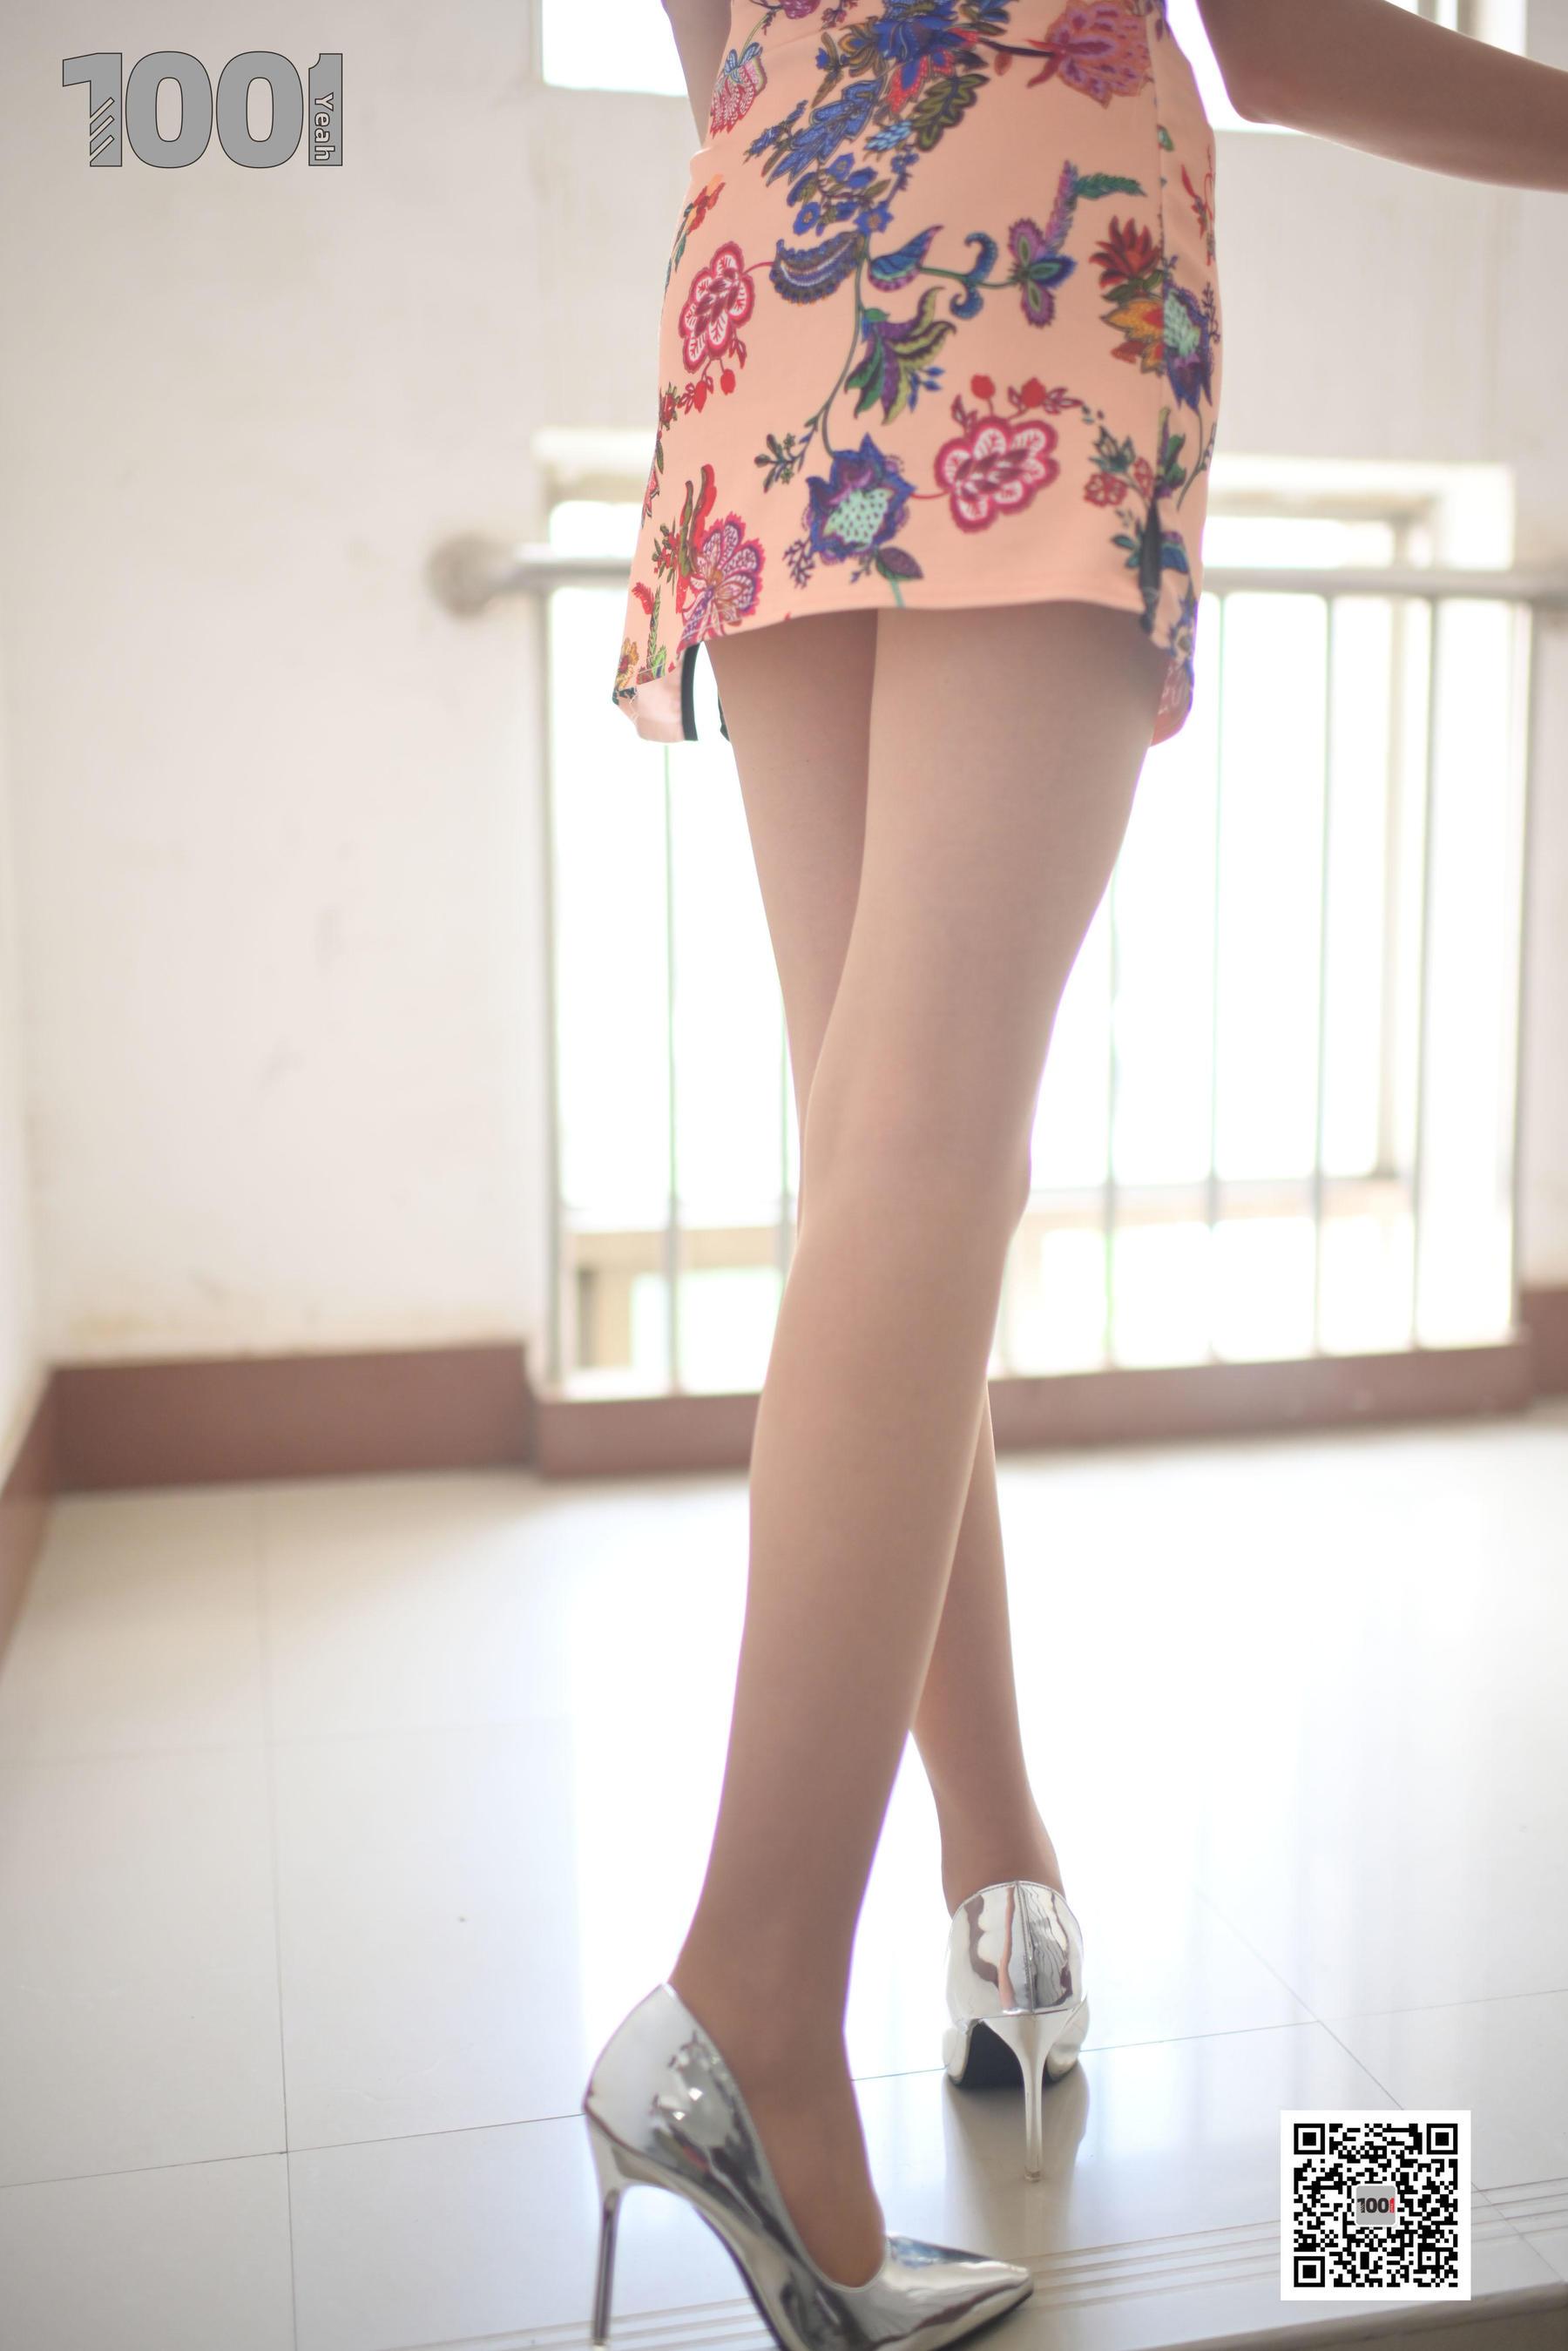 图片[7] - [IESS一千零一夜] 模特:西瓜《楼梯一角1》 肉丝袜美腿写真集[98P] - 唯独你没懂